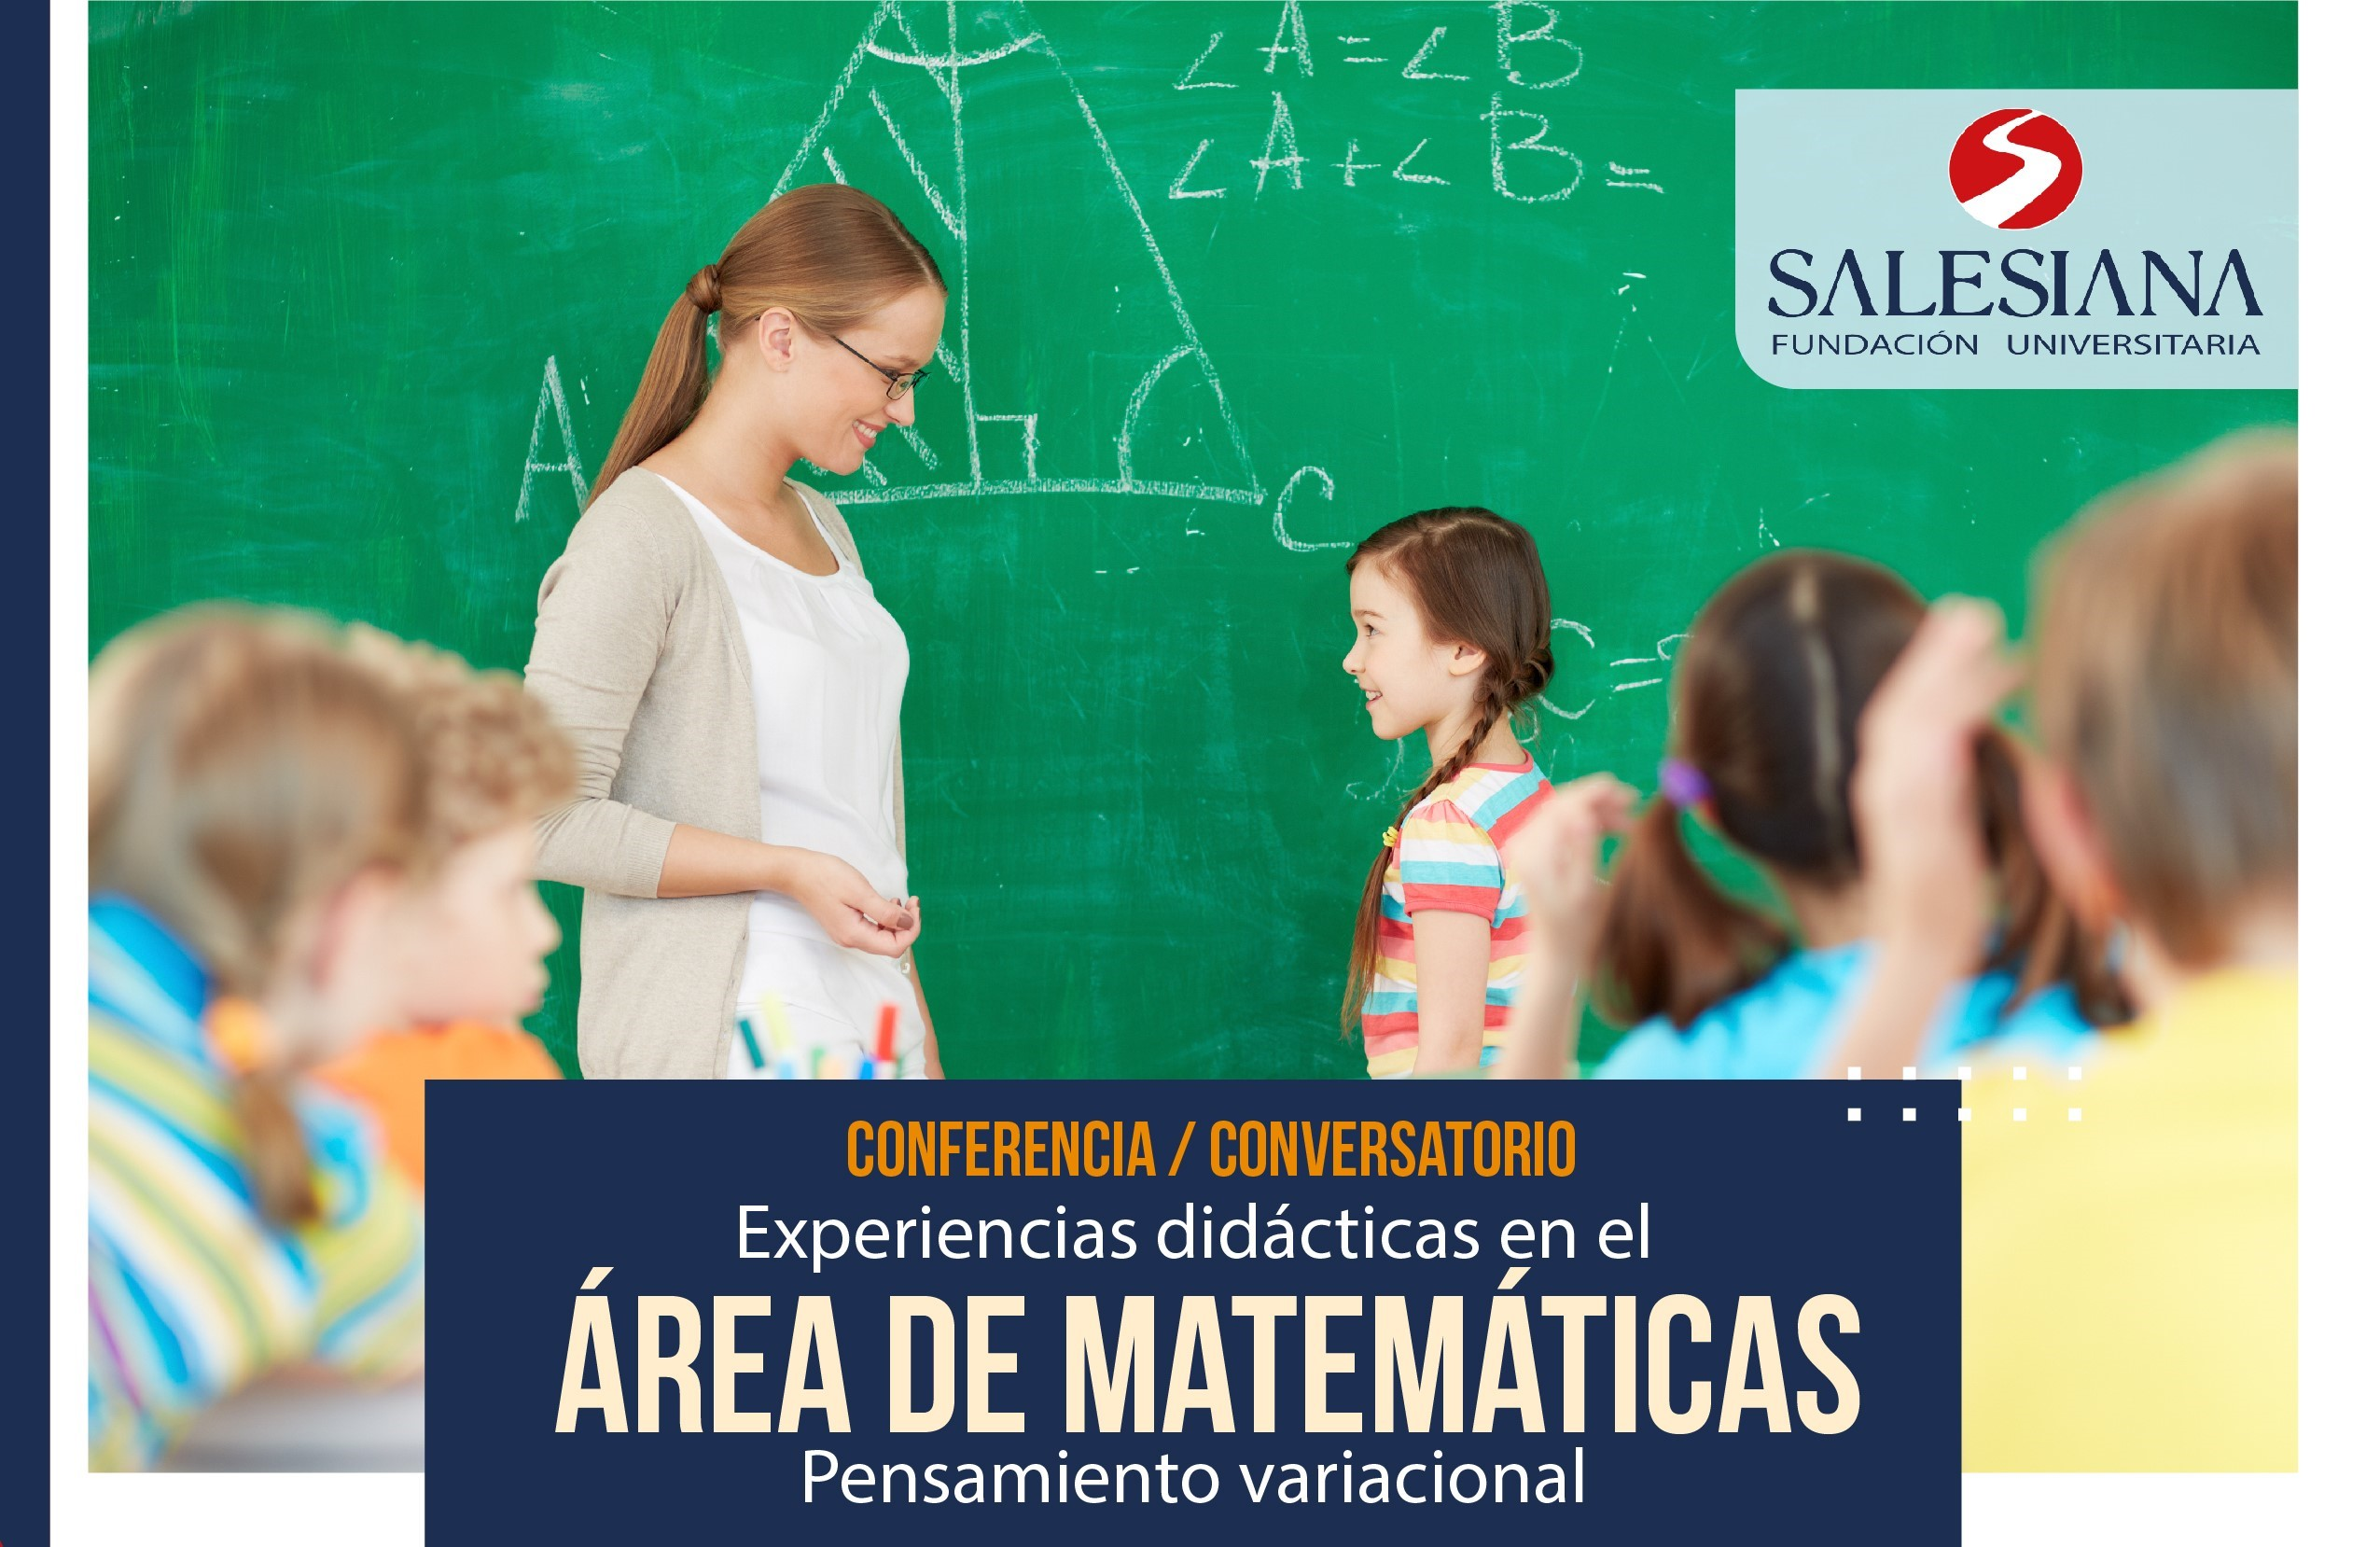 Conferencia: Experiencias didácticas en el ÁREA de MATEMÁTICAS. Pensamiento variacional. 8